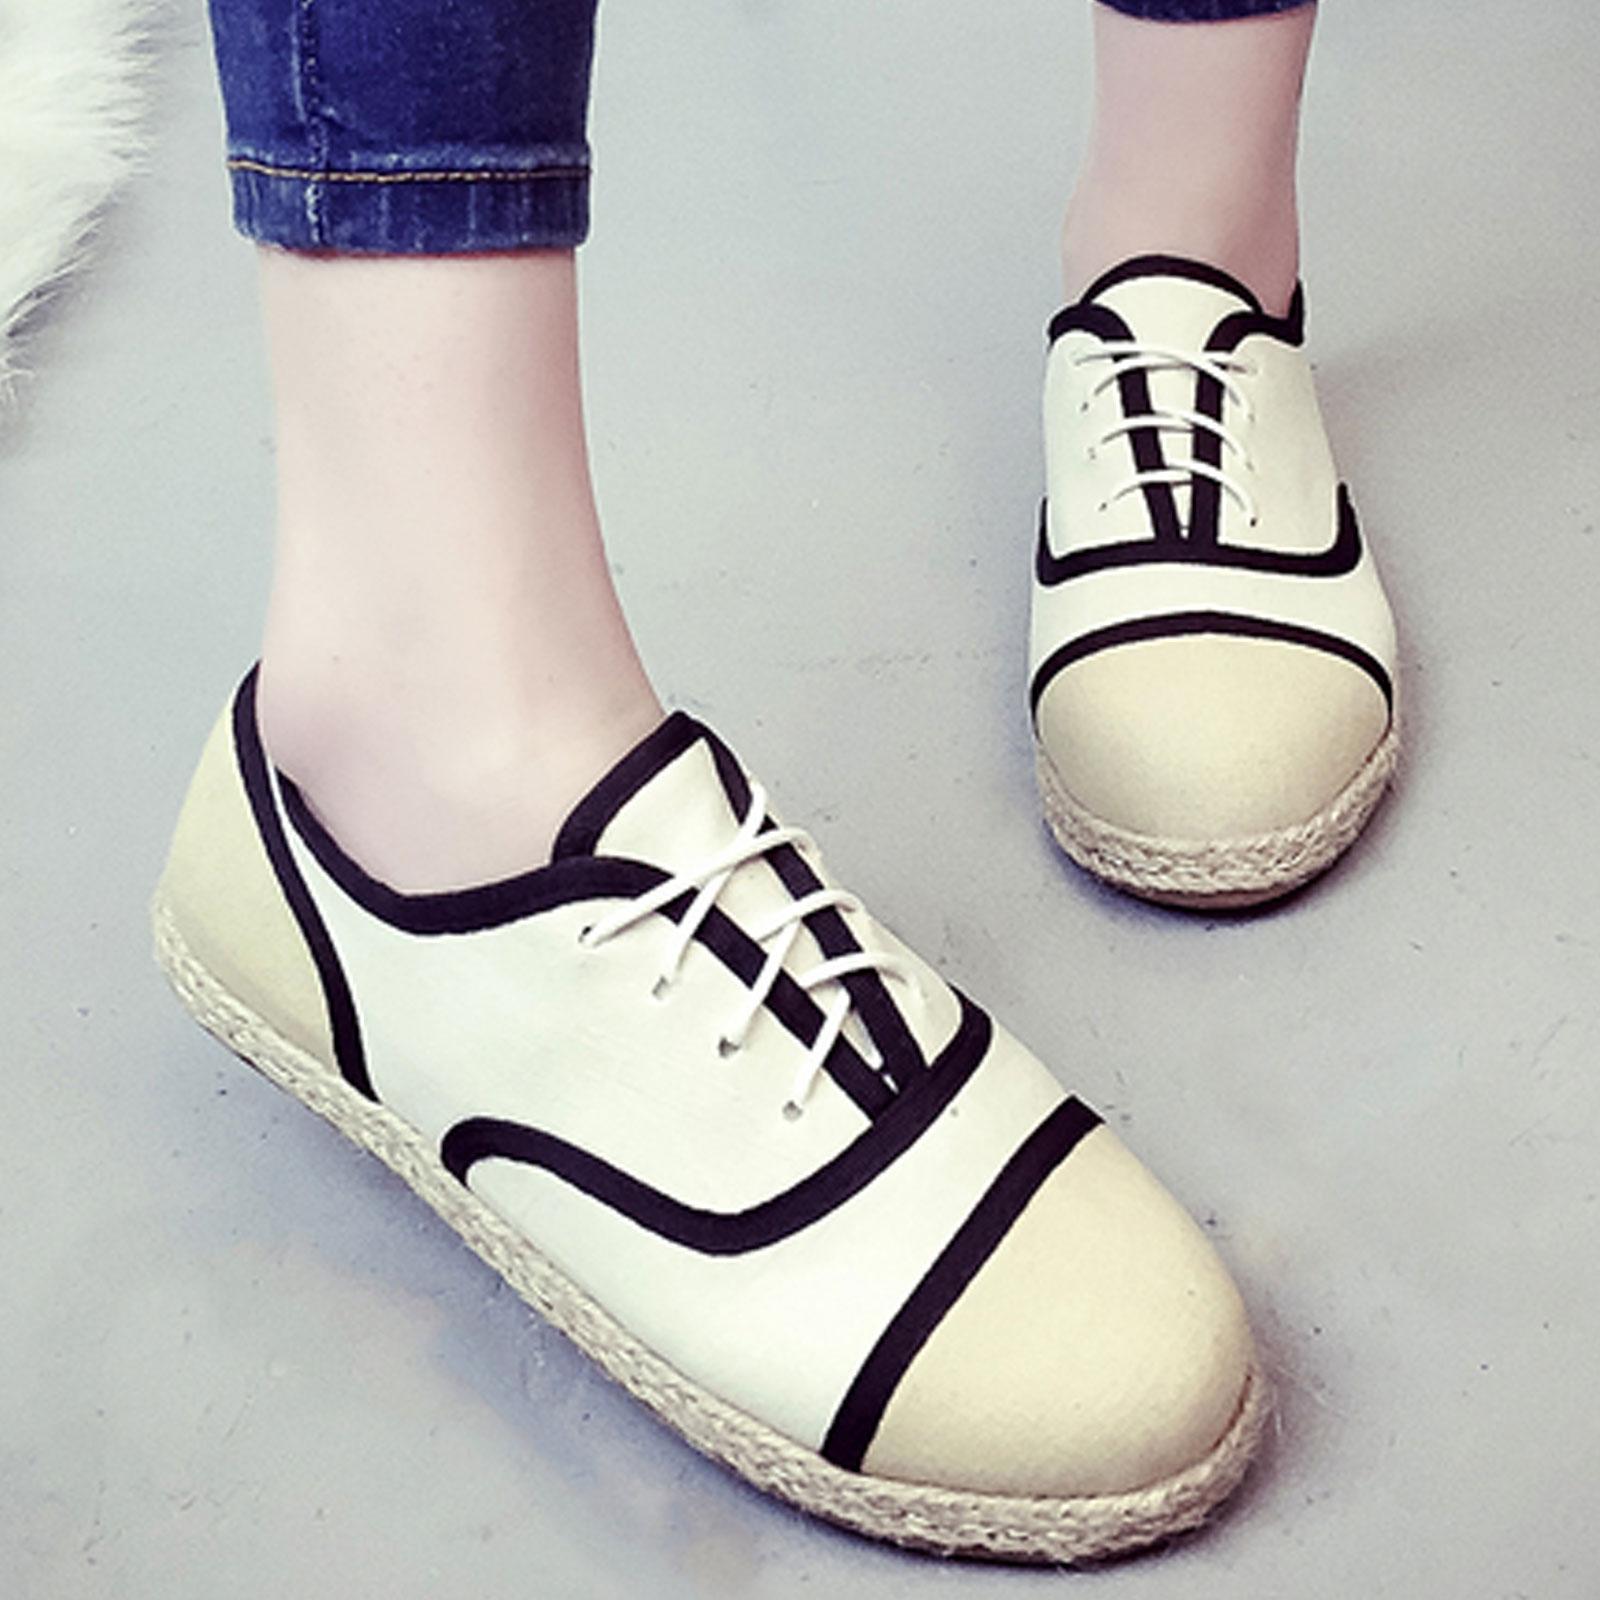 休閒鞋 歐美復古雙色線條草編平底鞋【S1549】☆雙兒網☆ 2